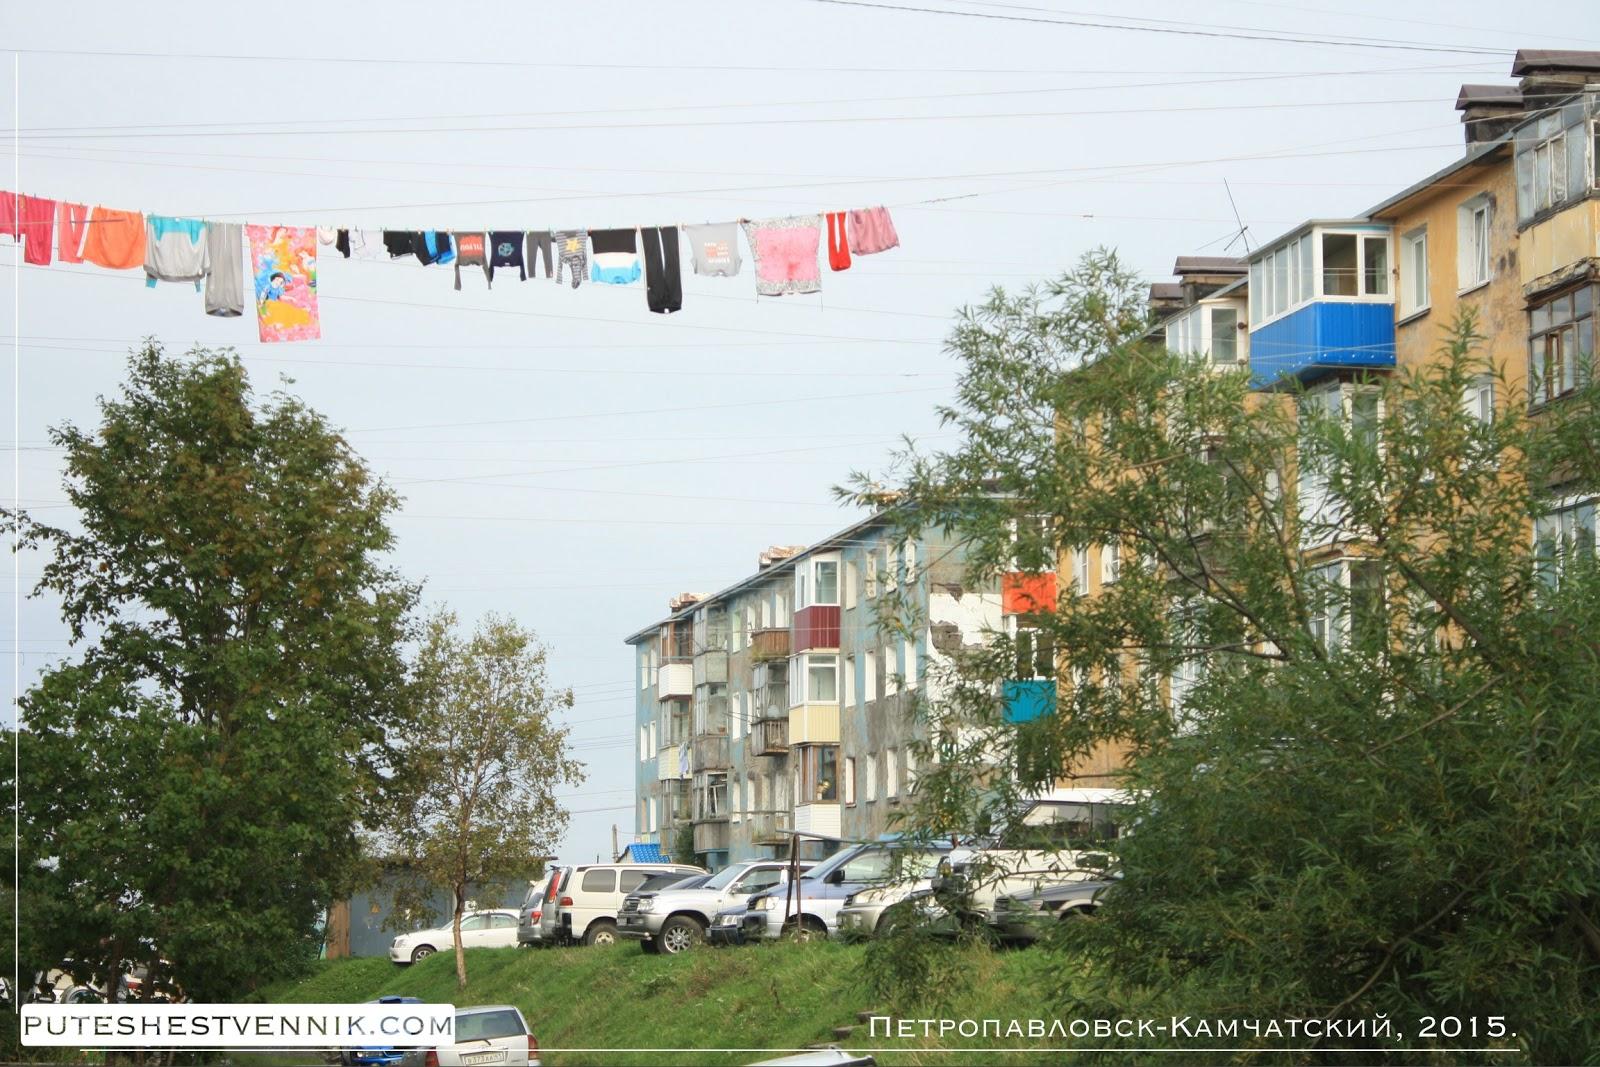 Белье на веревке между домами в Петропавловске-Камчатском